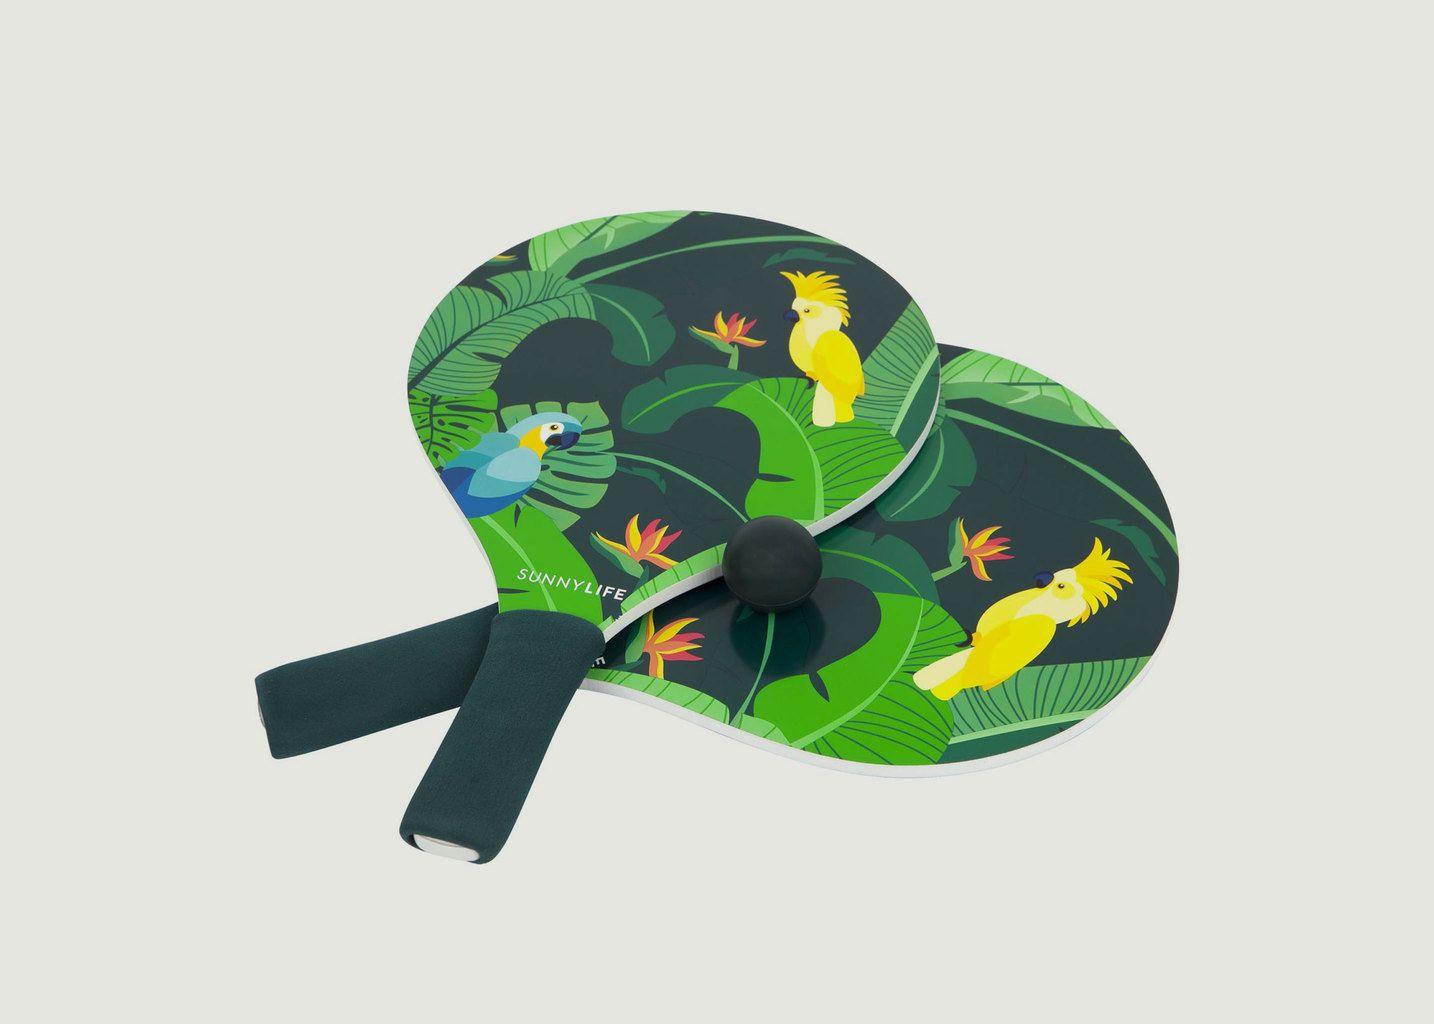 Raquettes de Plage Monteverde - Sunny Life